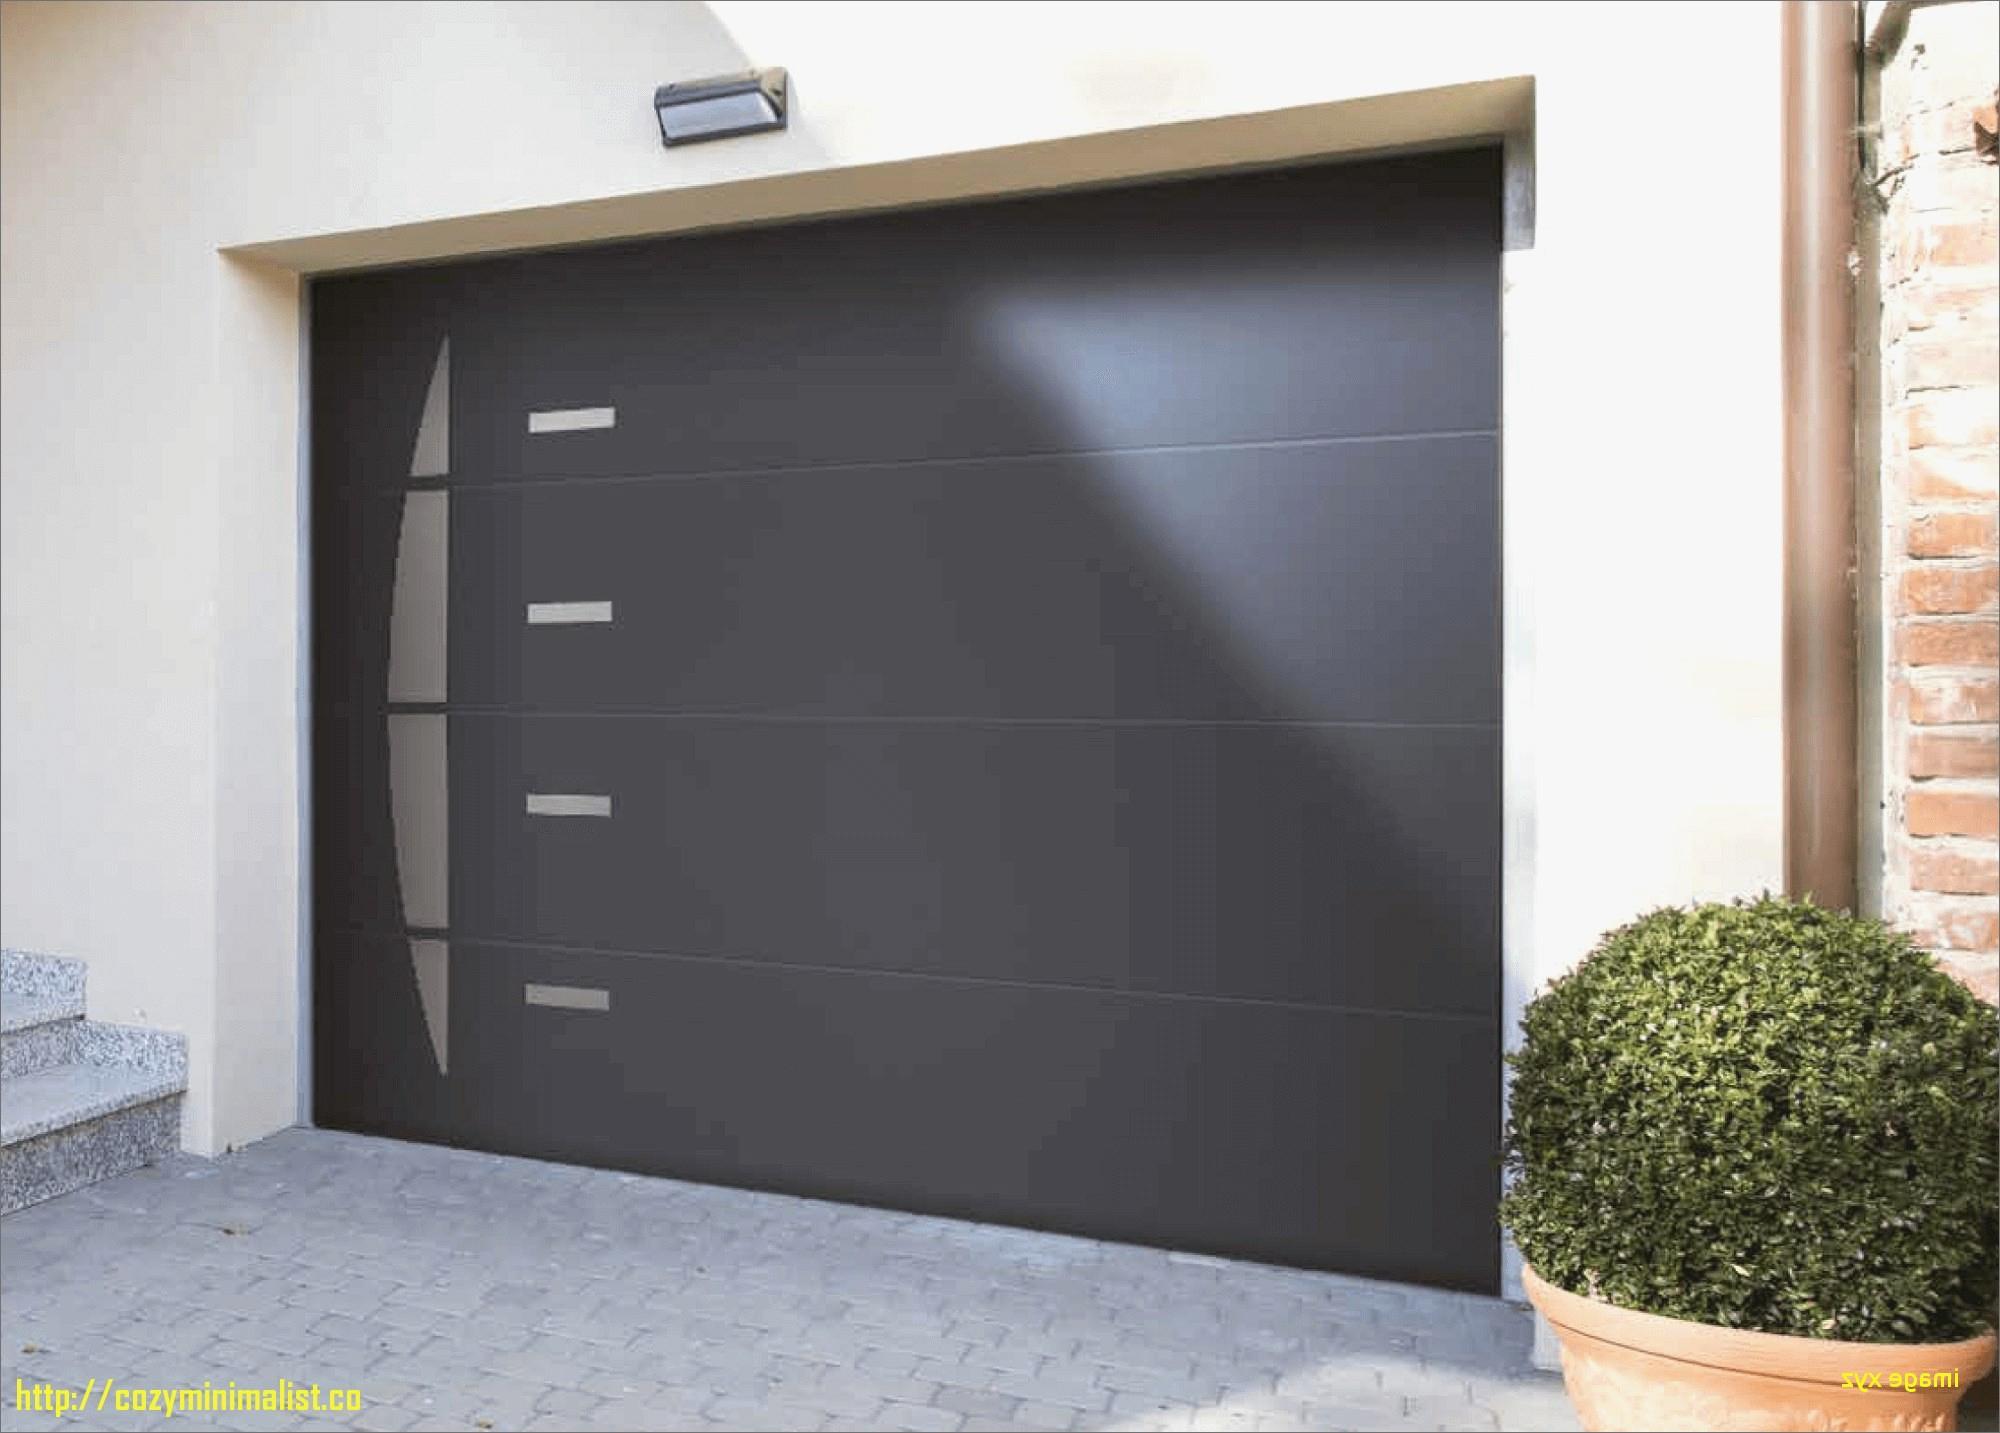 Montage porte de garage sectionnelle motoris e castorama voiture moto et auto - Montage porte de garage ...